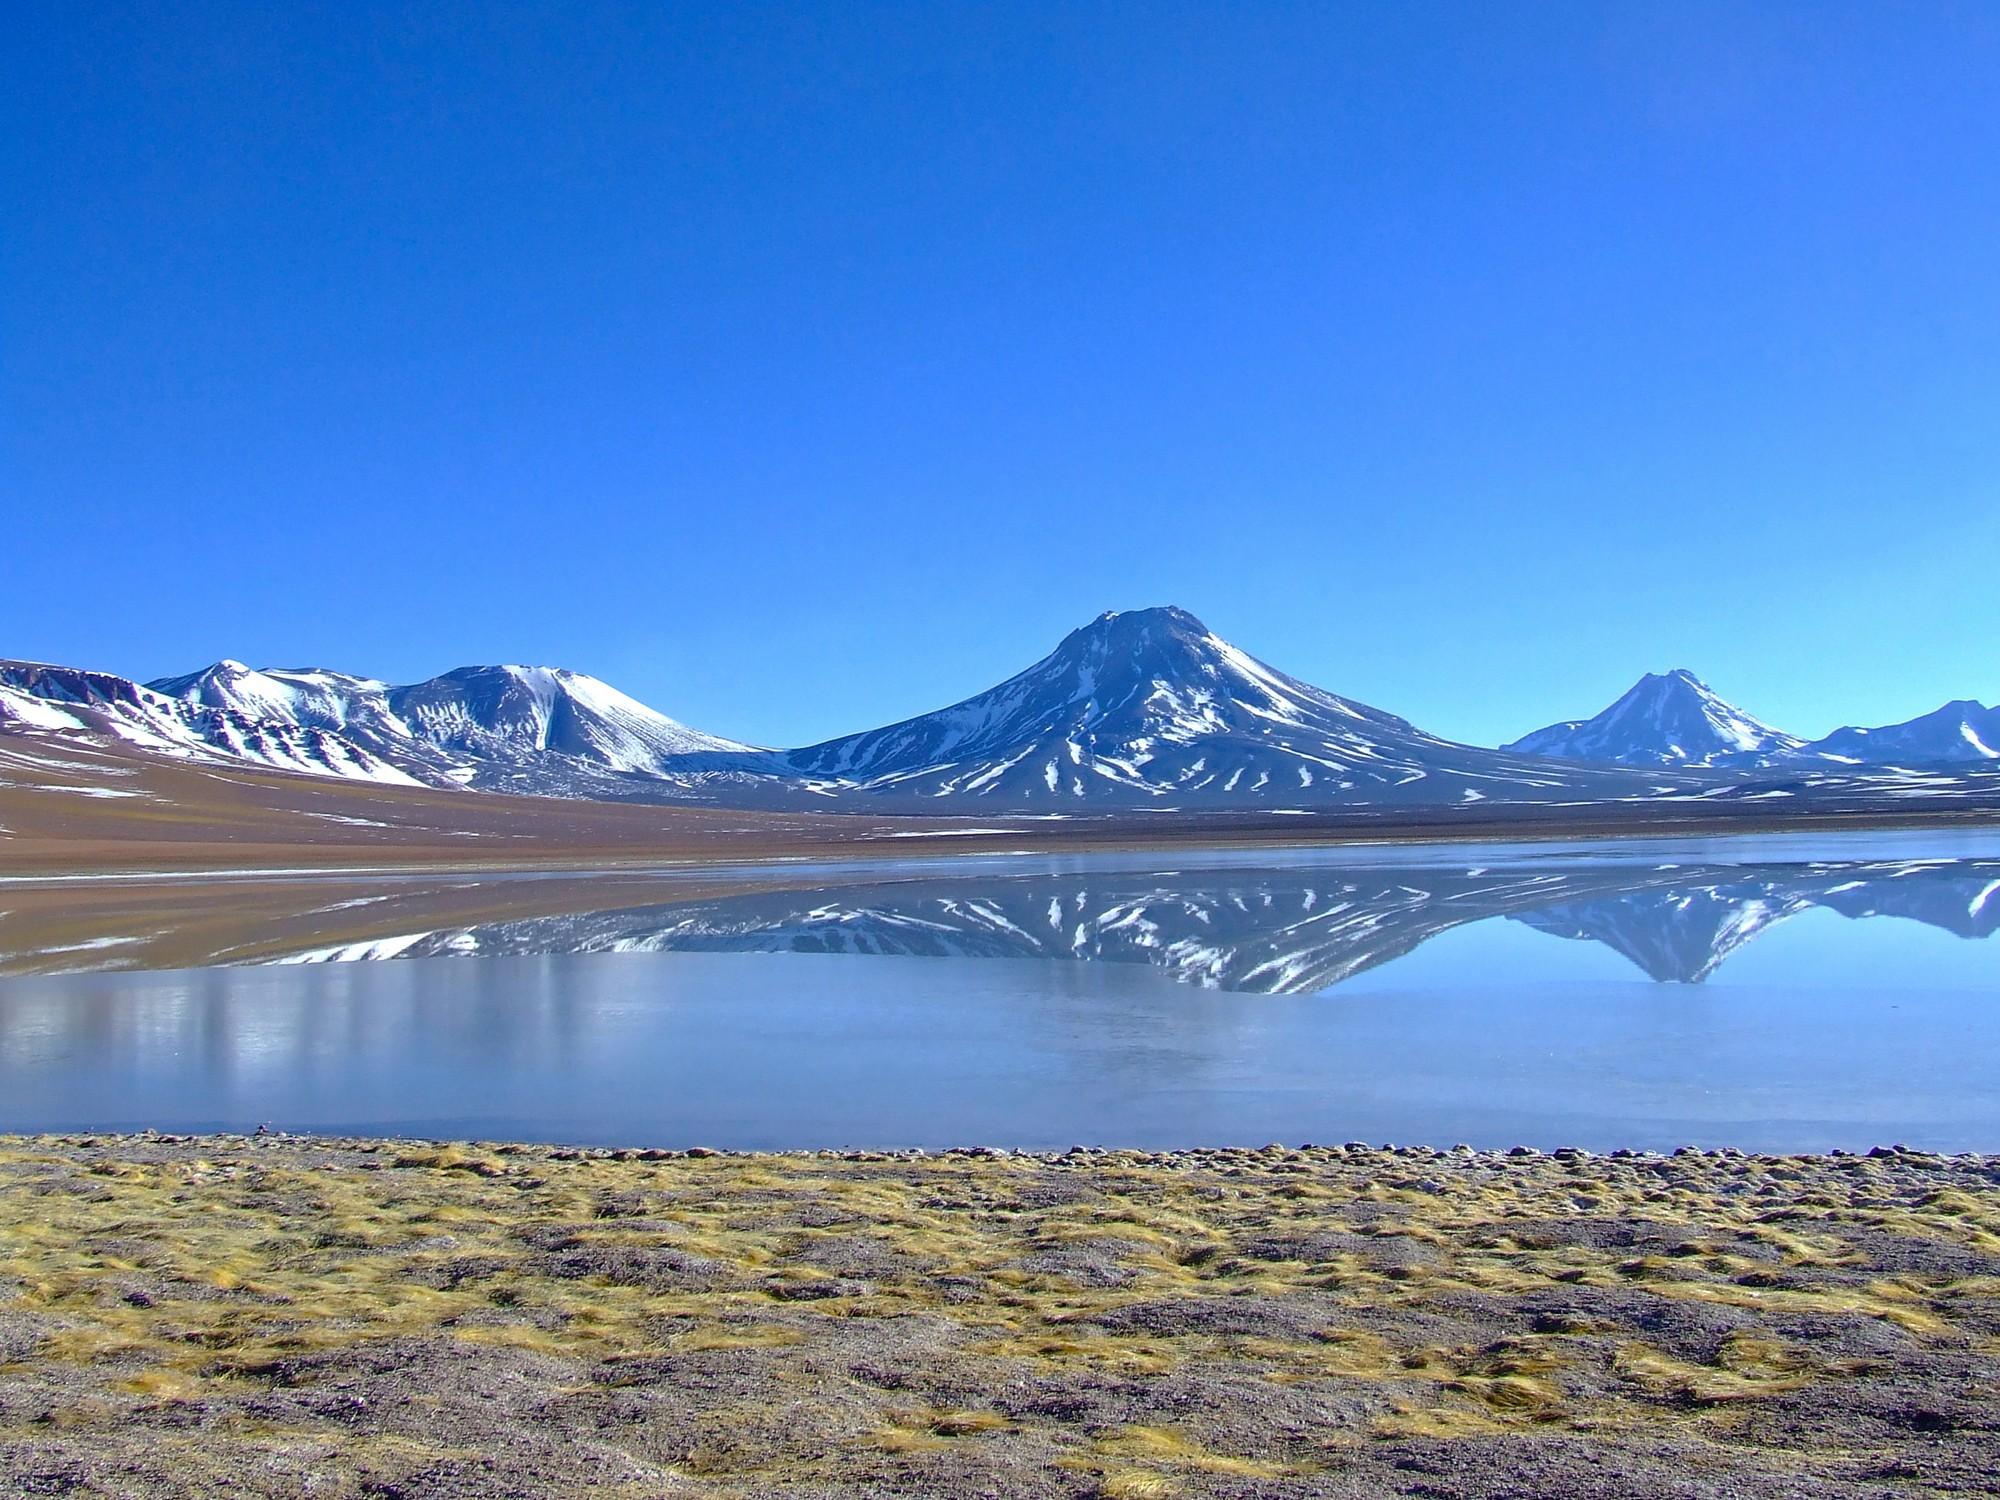 isquierda-volcan-Lascar-al-centro-volcan-simbad-atras-volcan-pili-en-altiplano-andino-2k